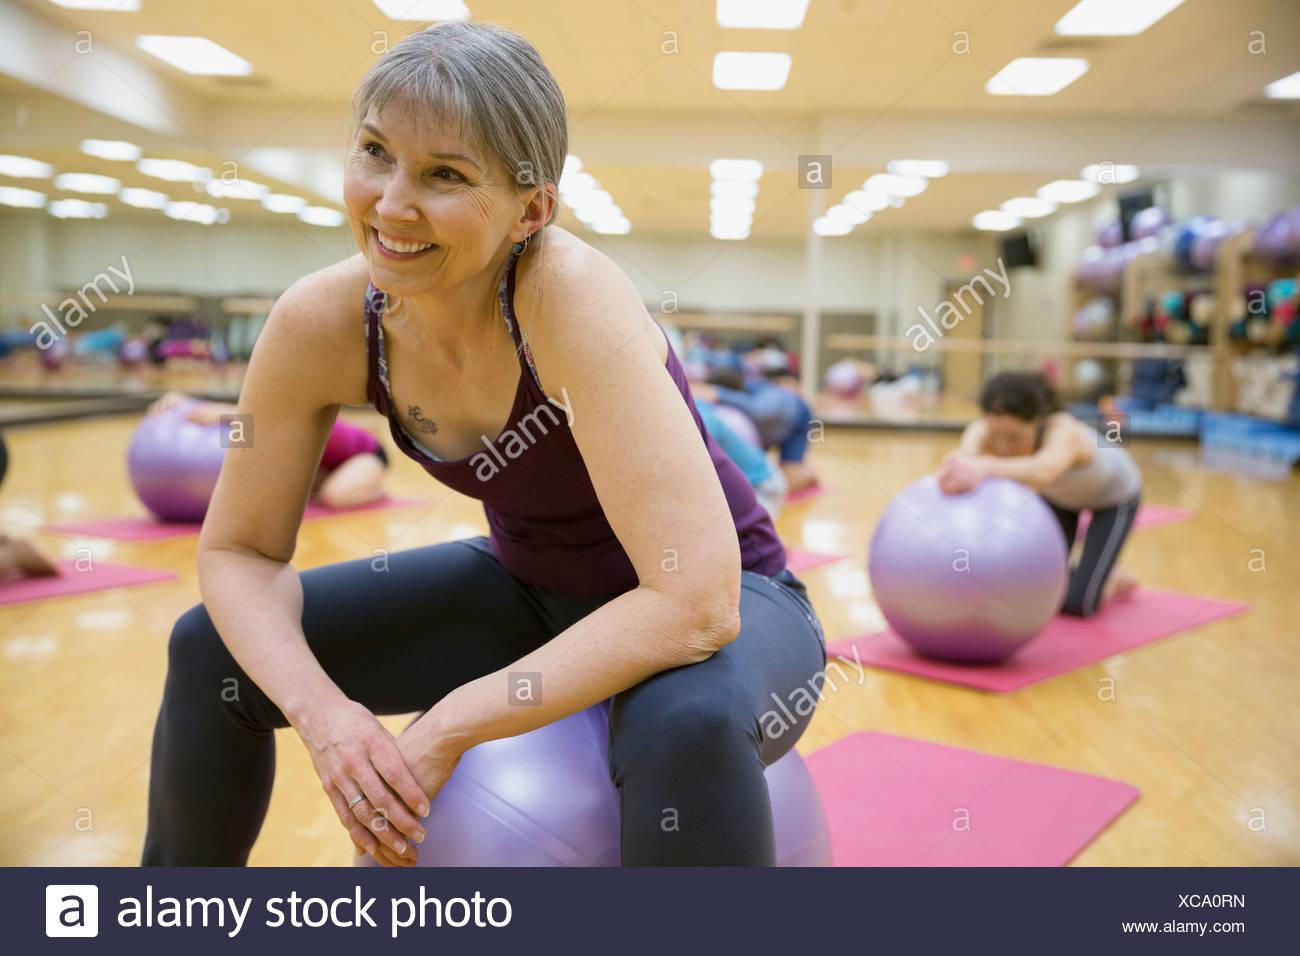 Mujer sonriente en el fitness ball en clase de ejercicios Imagen De Stock